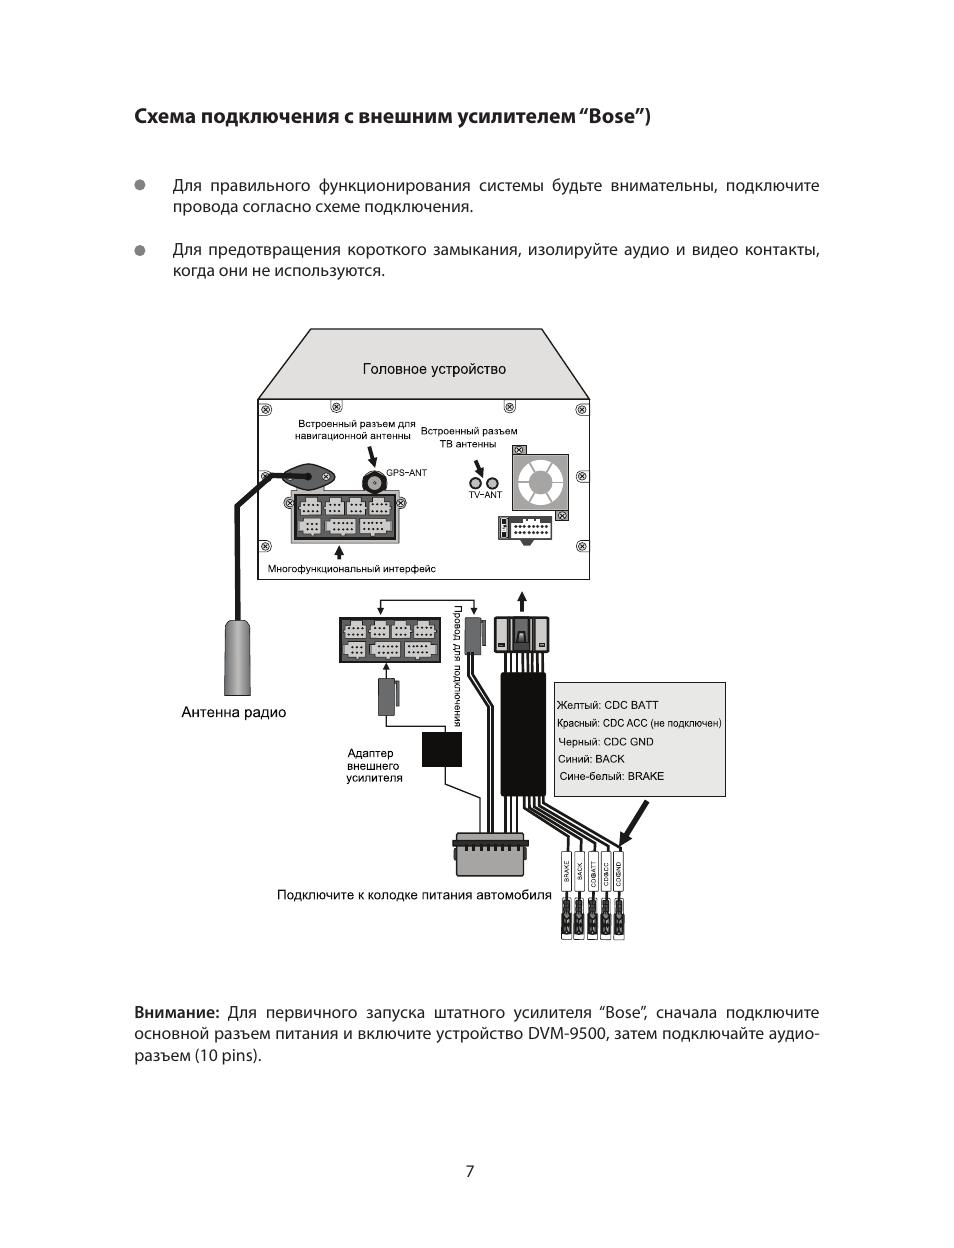 Bose схемы подключения